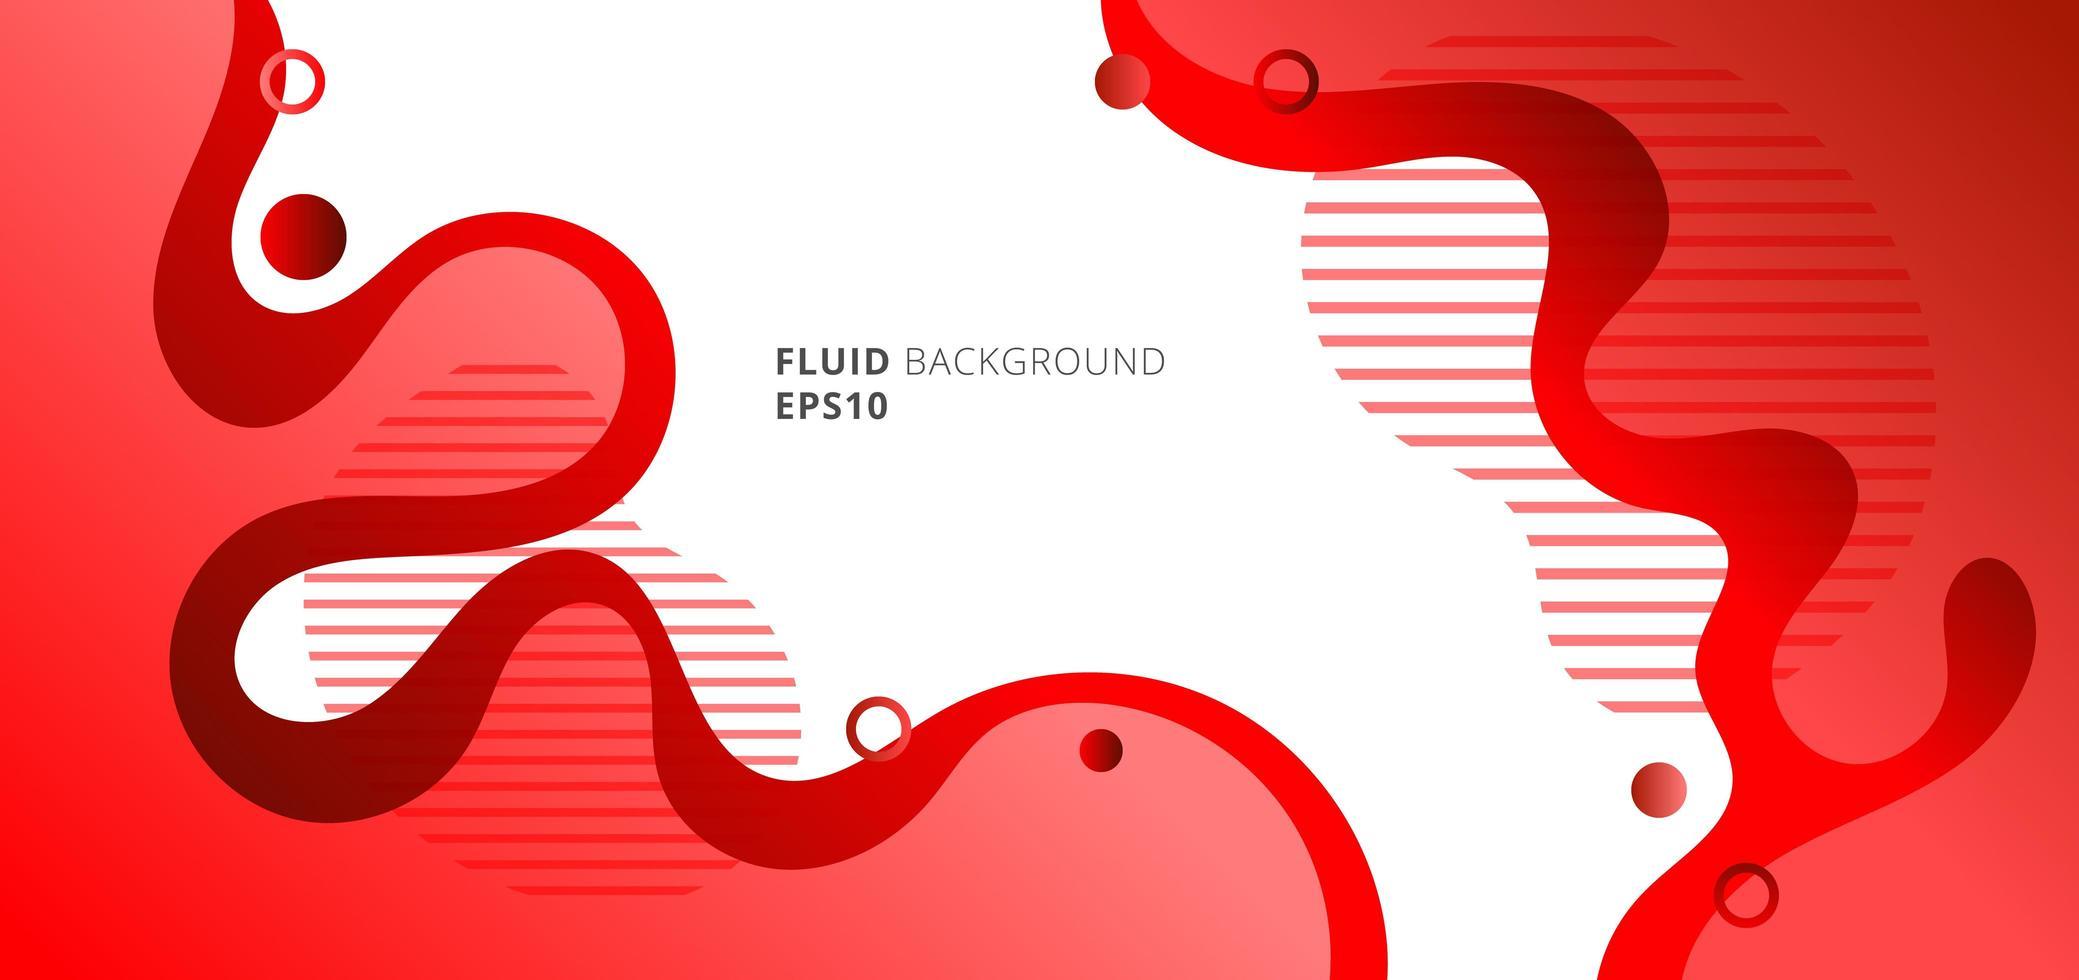 abstracte moderne vloeibare of vloeibare rode gradiëntkleuren vector